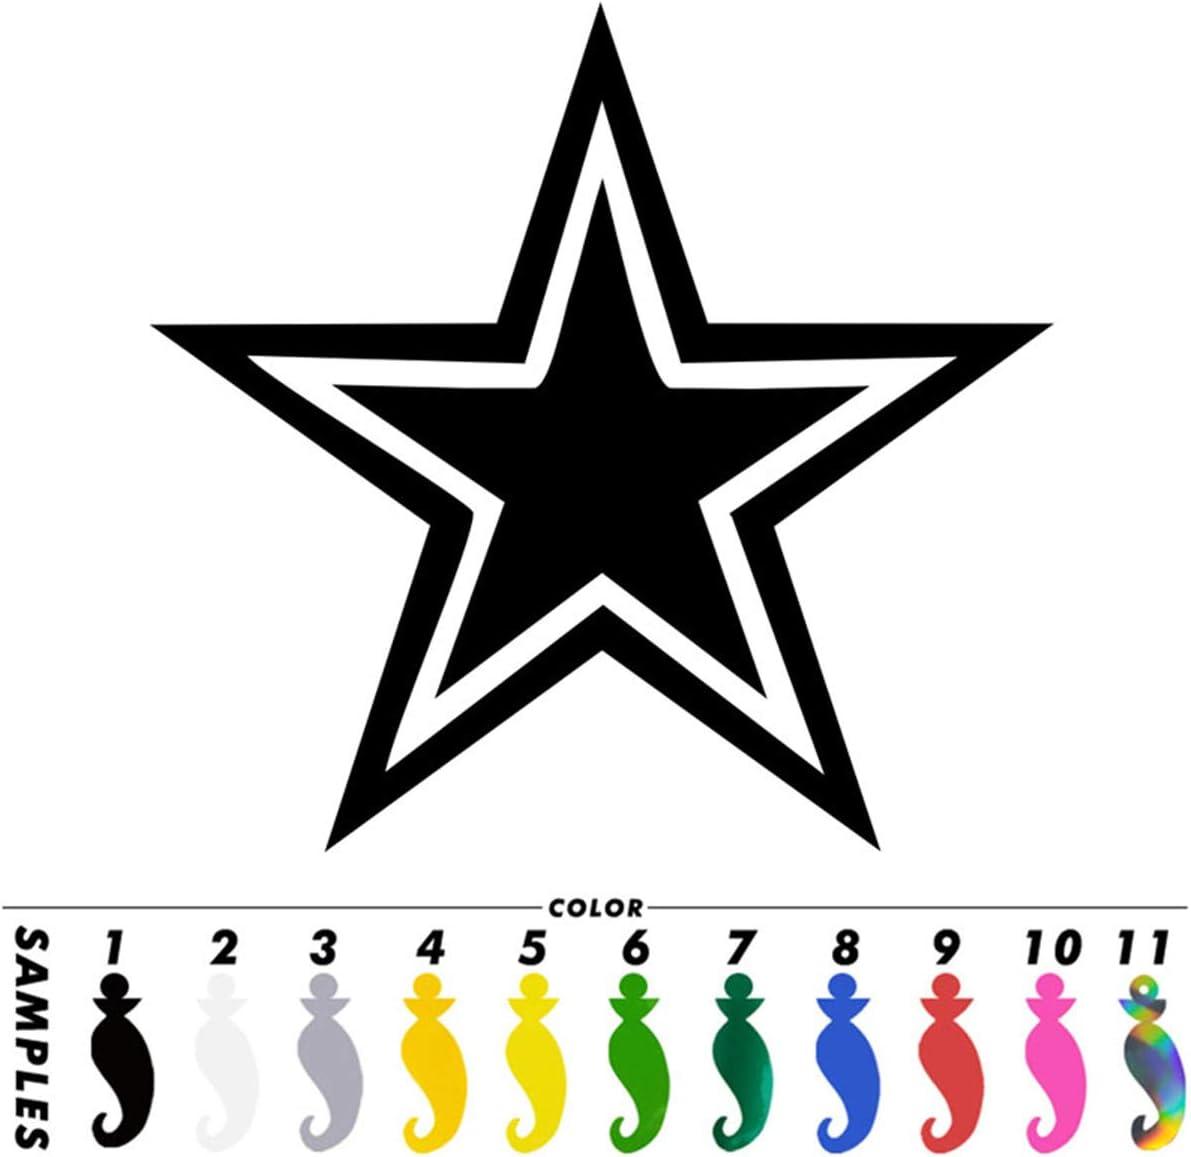 2pcs Dallas Cowboys Star NFL Football Pattern Car Decal Vinyl Sticker Laptop Decor